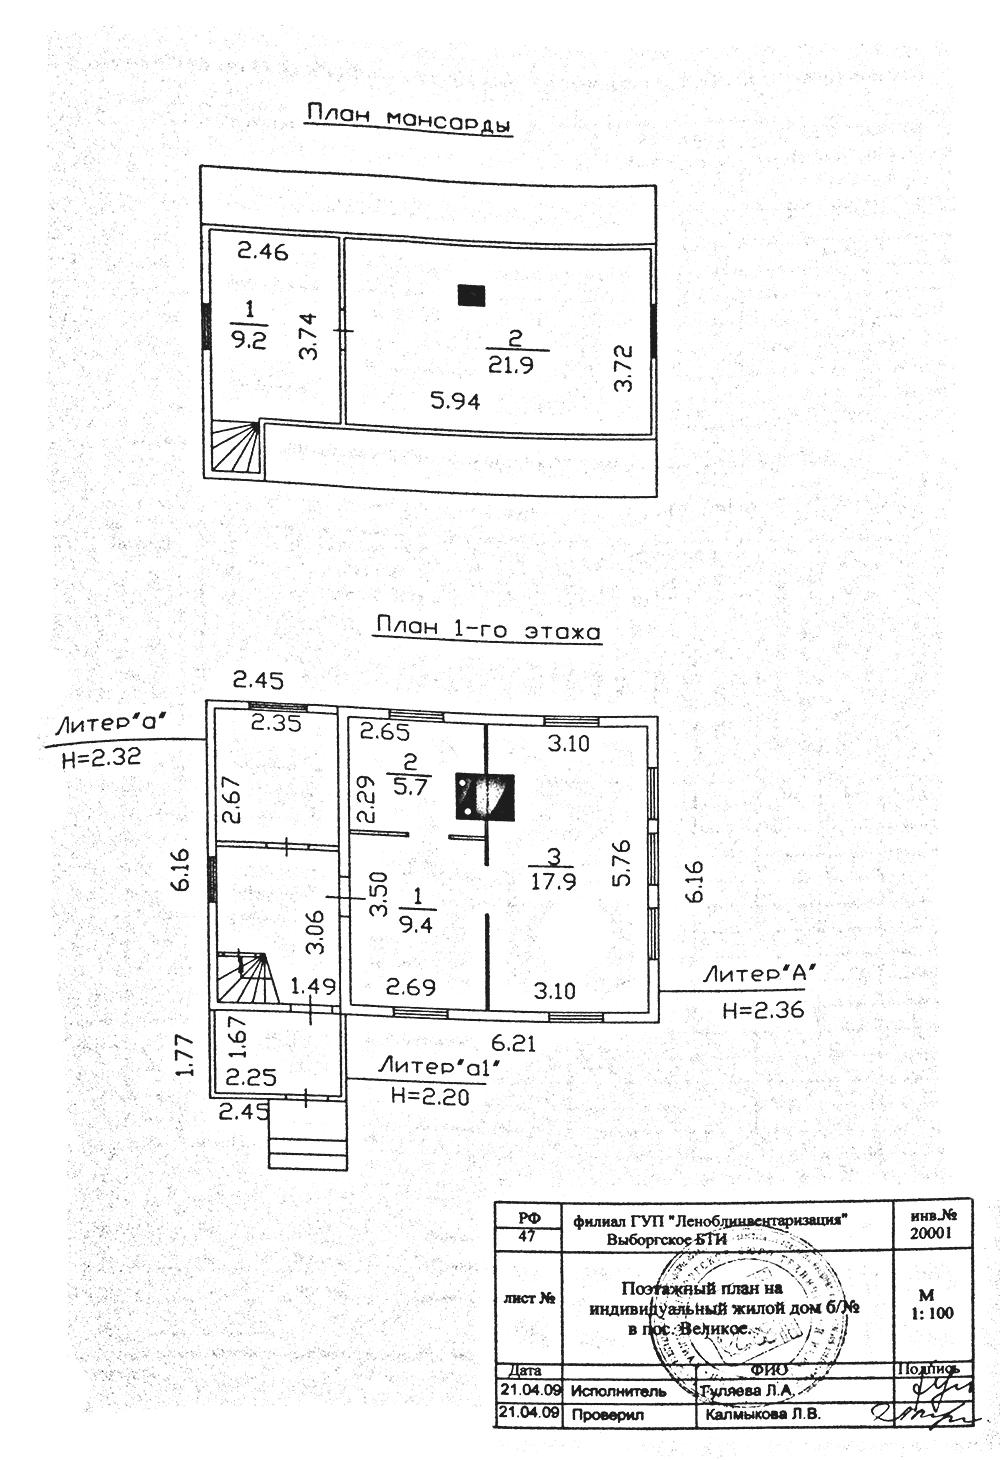 Планировка нашего дома согласована с государством